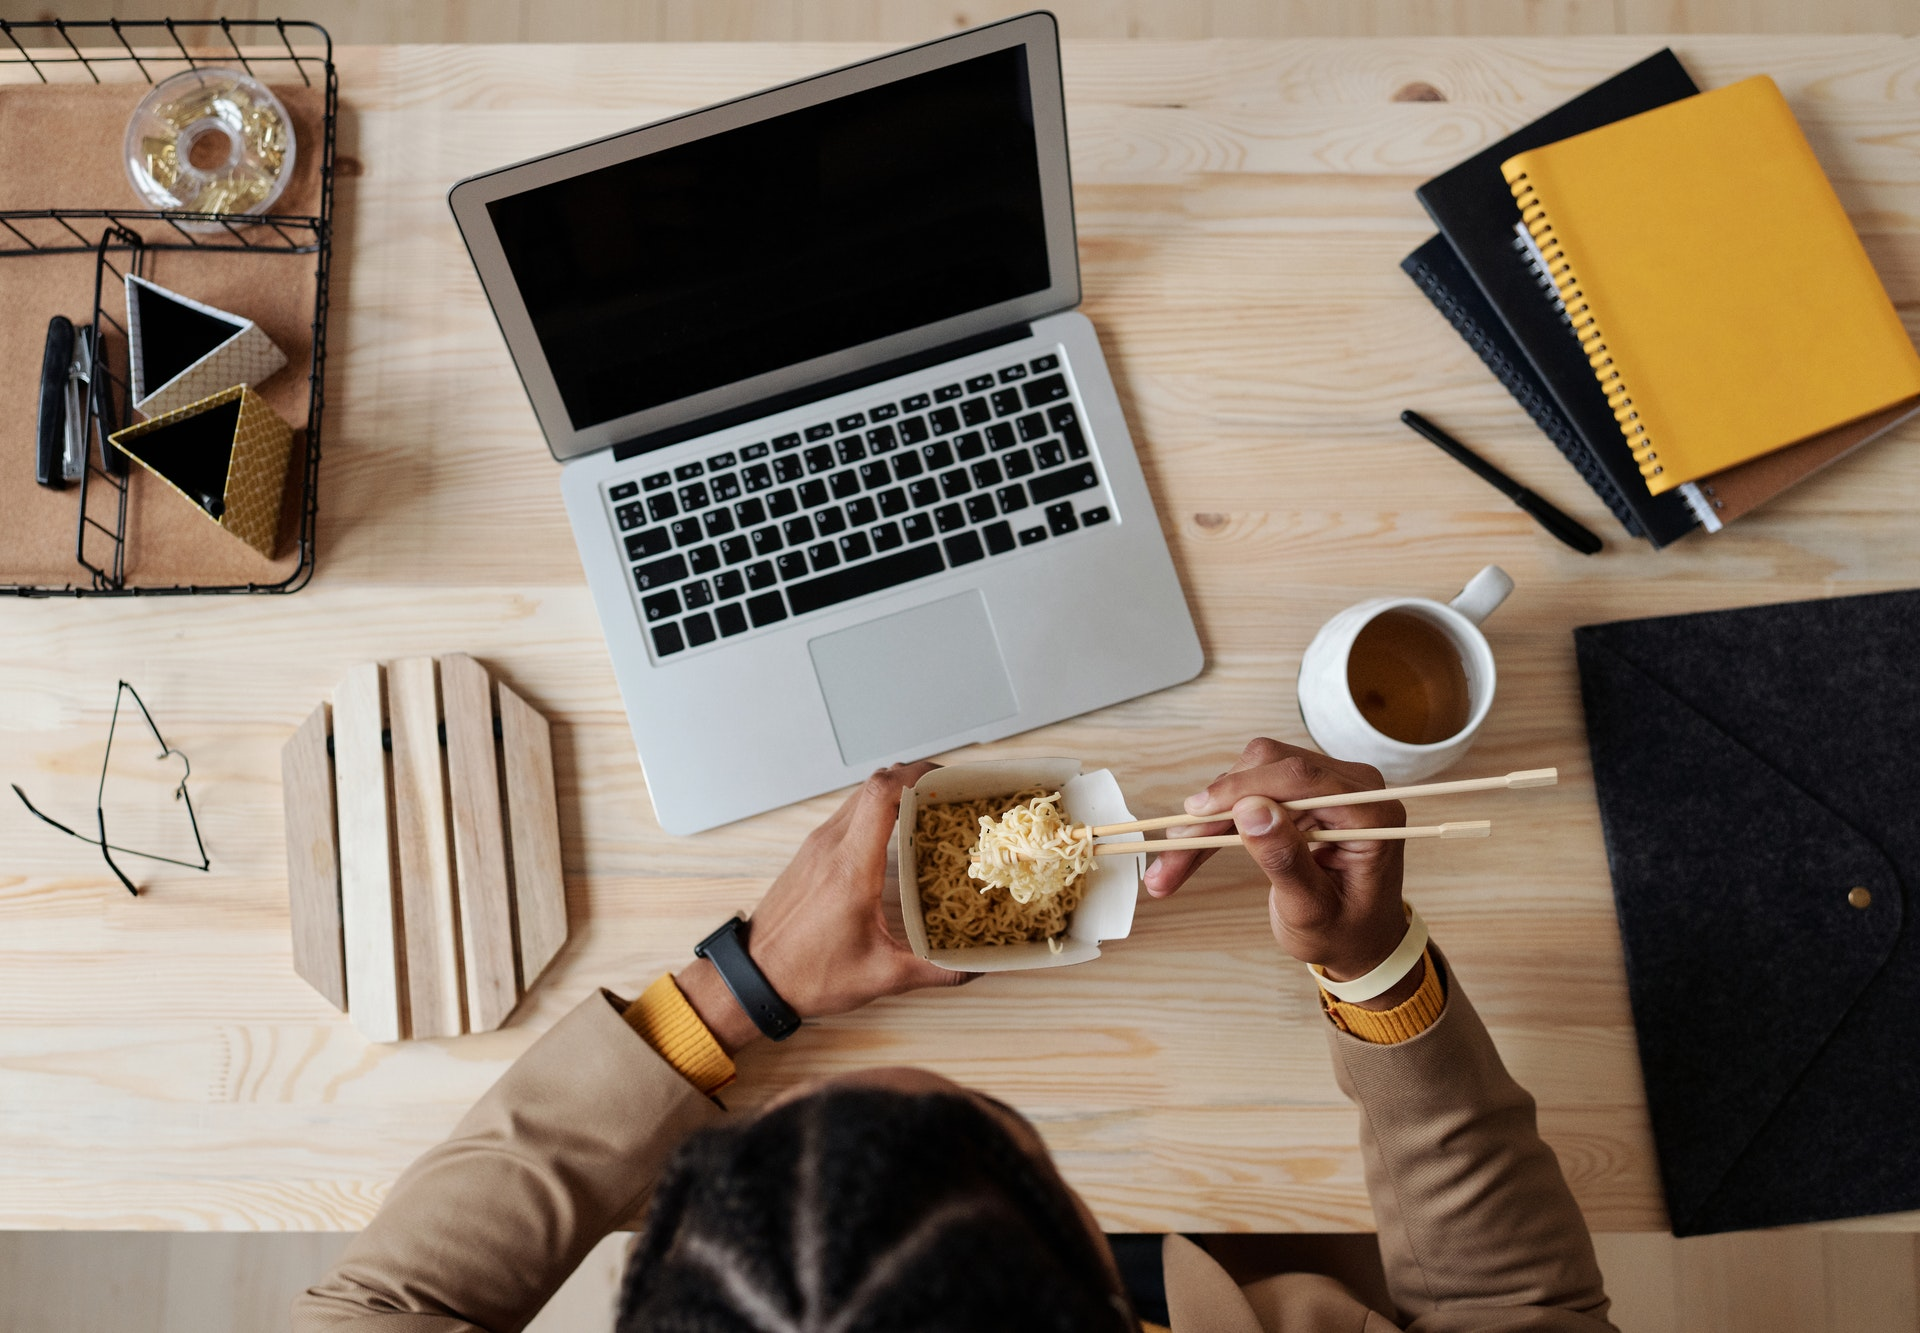 jedzenie food order chińszczyzna laptop komputer kawa picie herbata